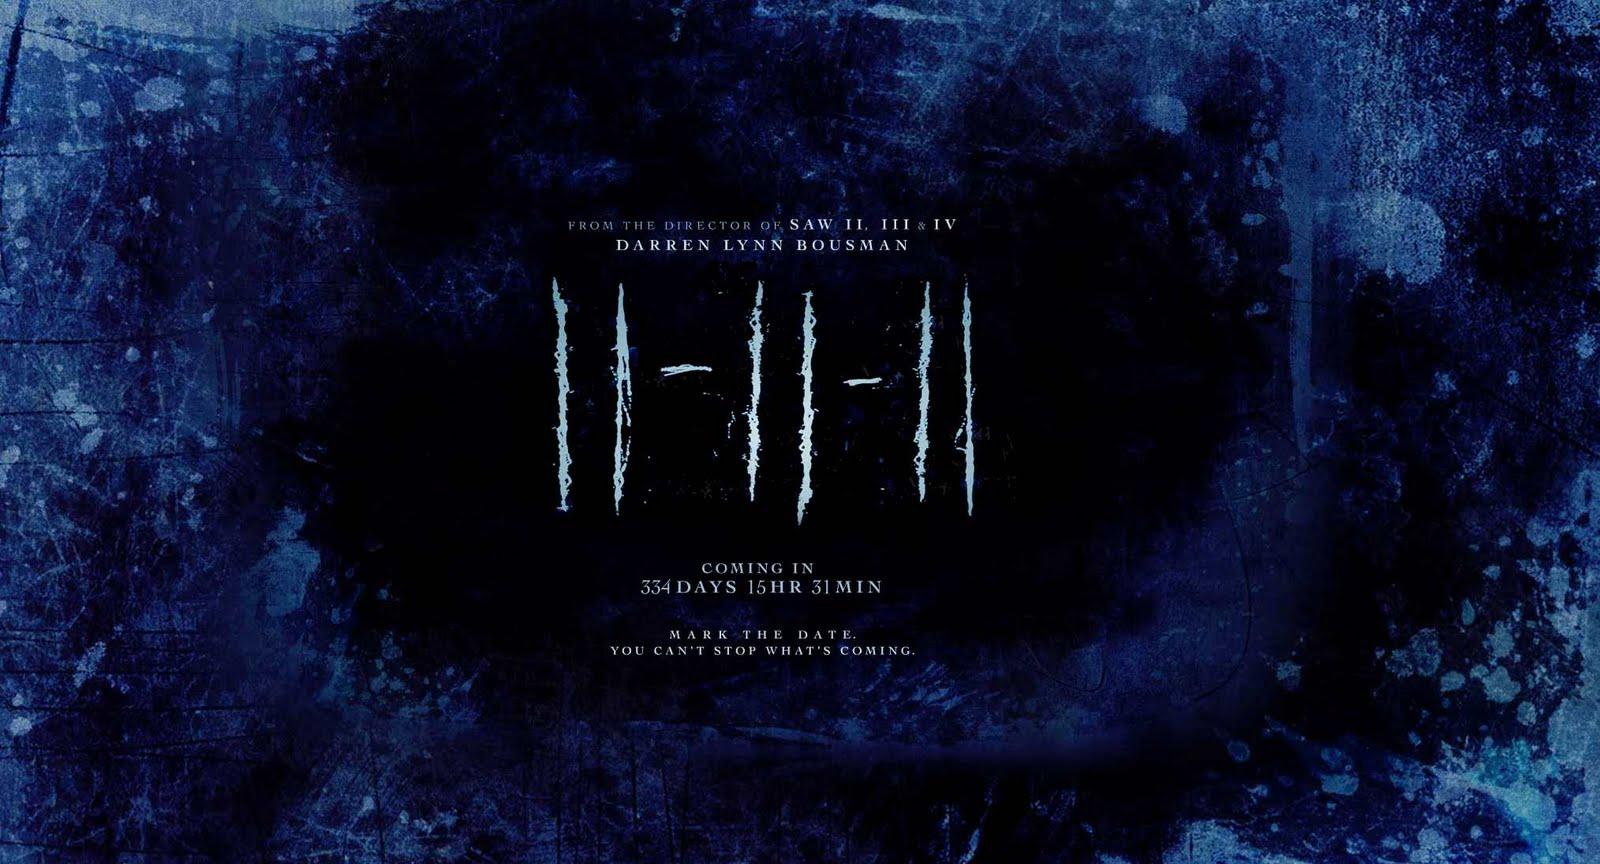 11-11-11 (film)